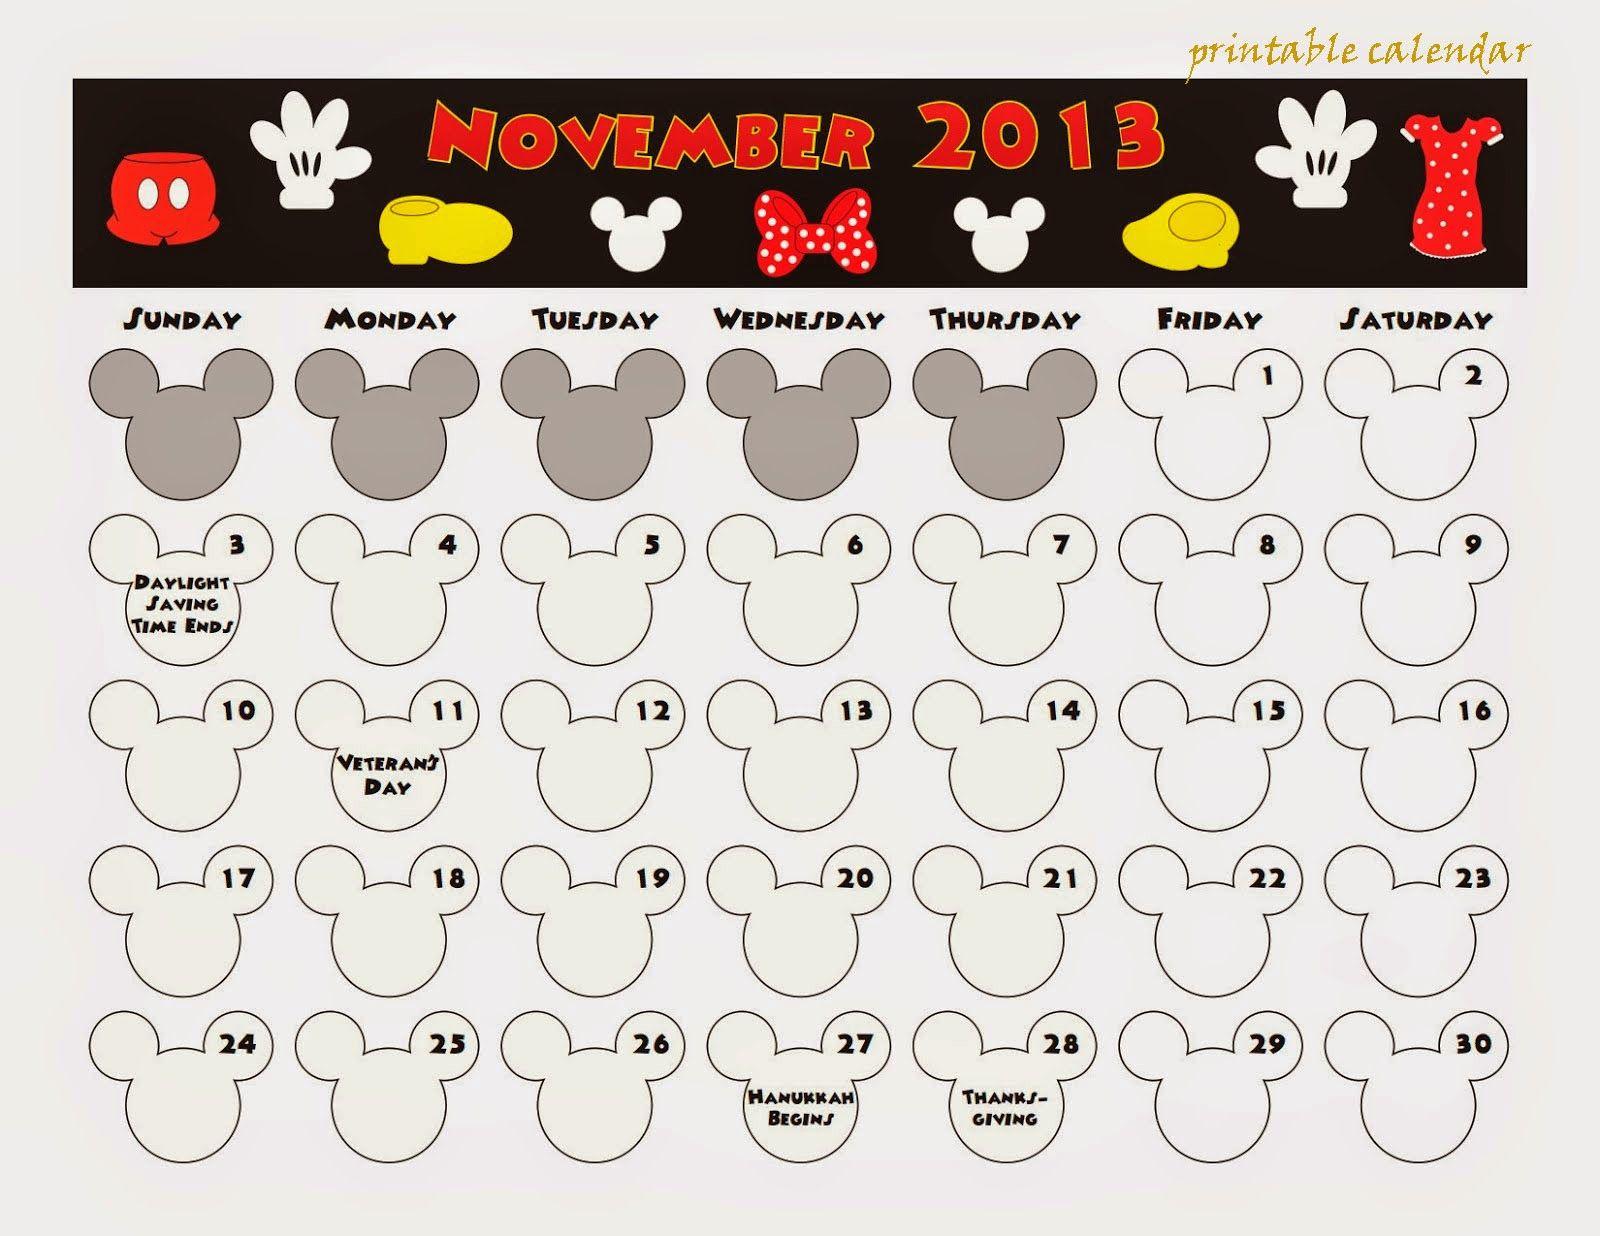 Free Printable Calendar: Free Printable Calendar November